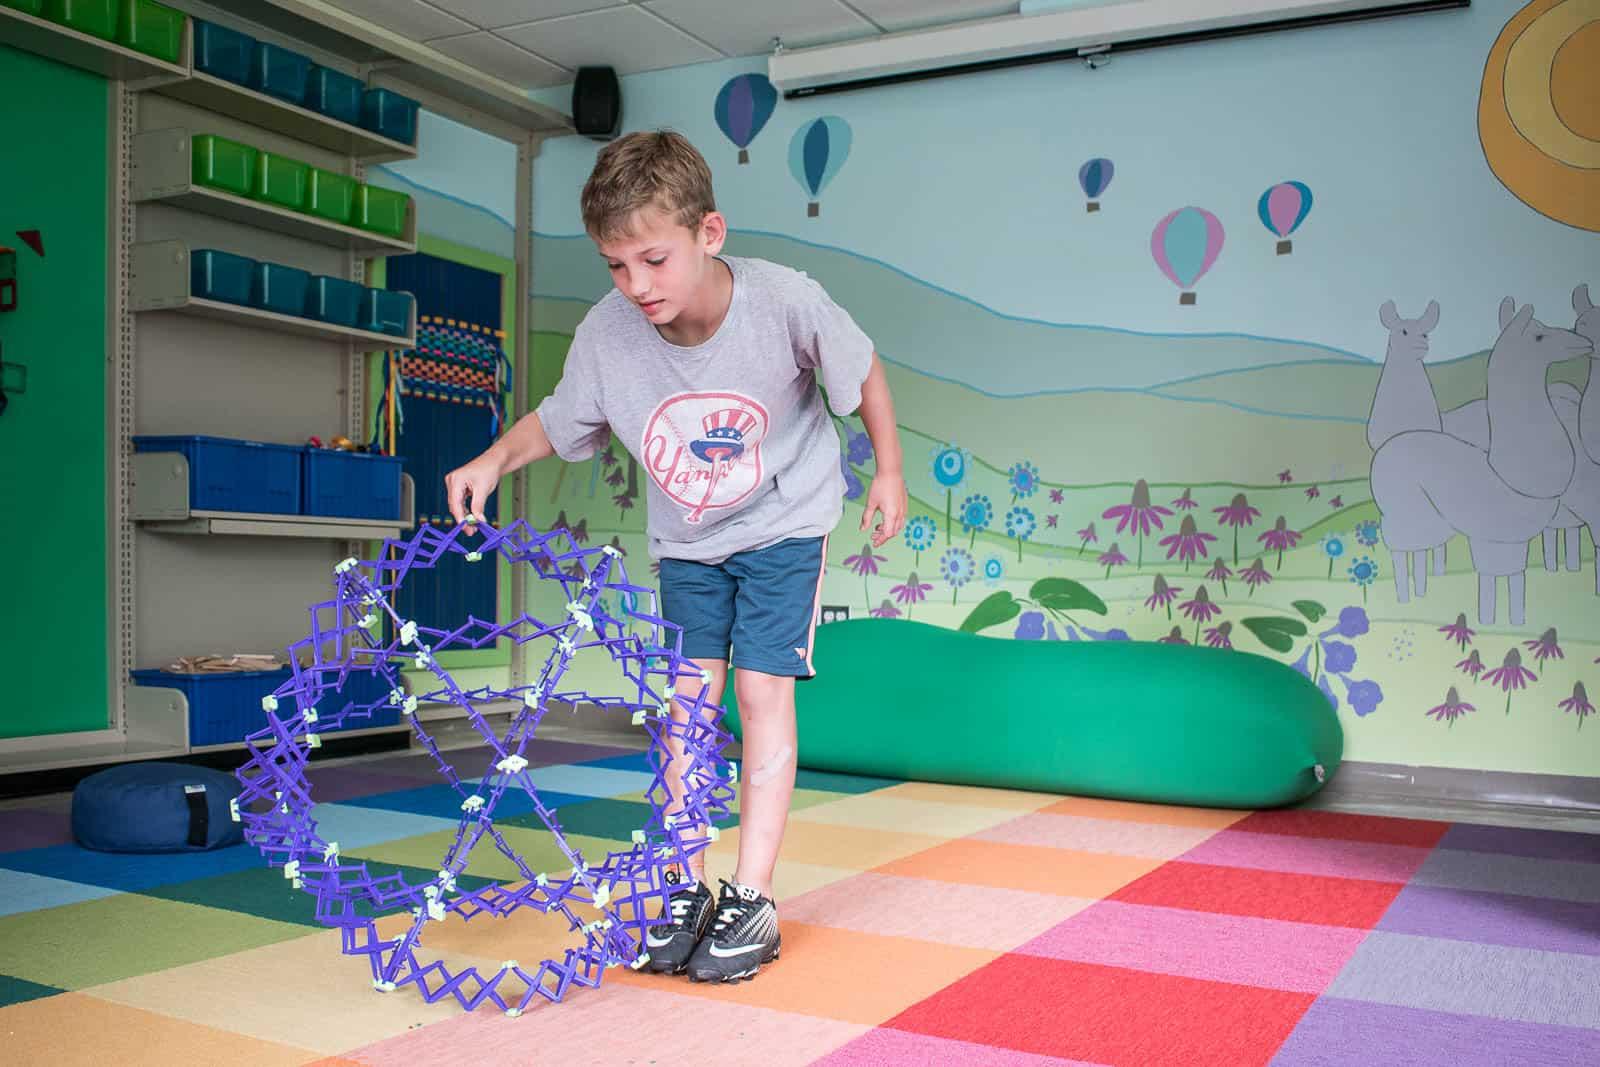 children enjoying a library maker space